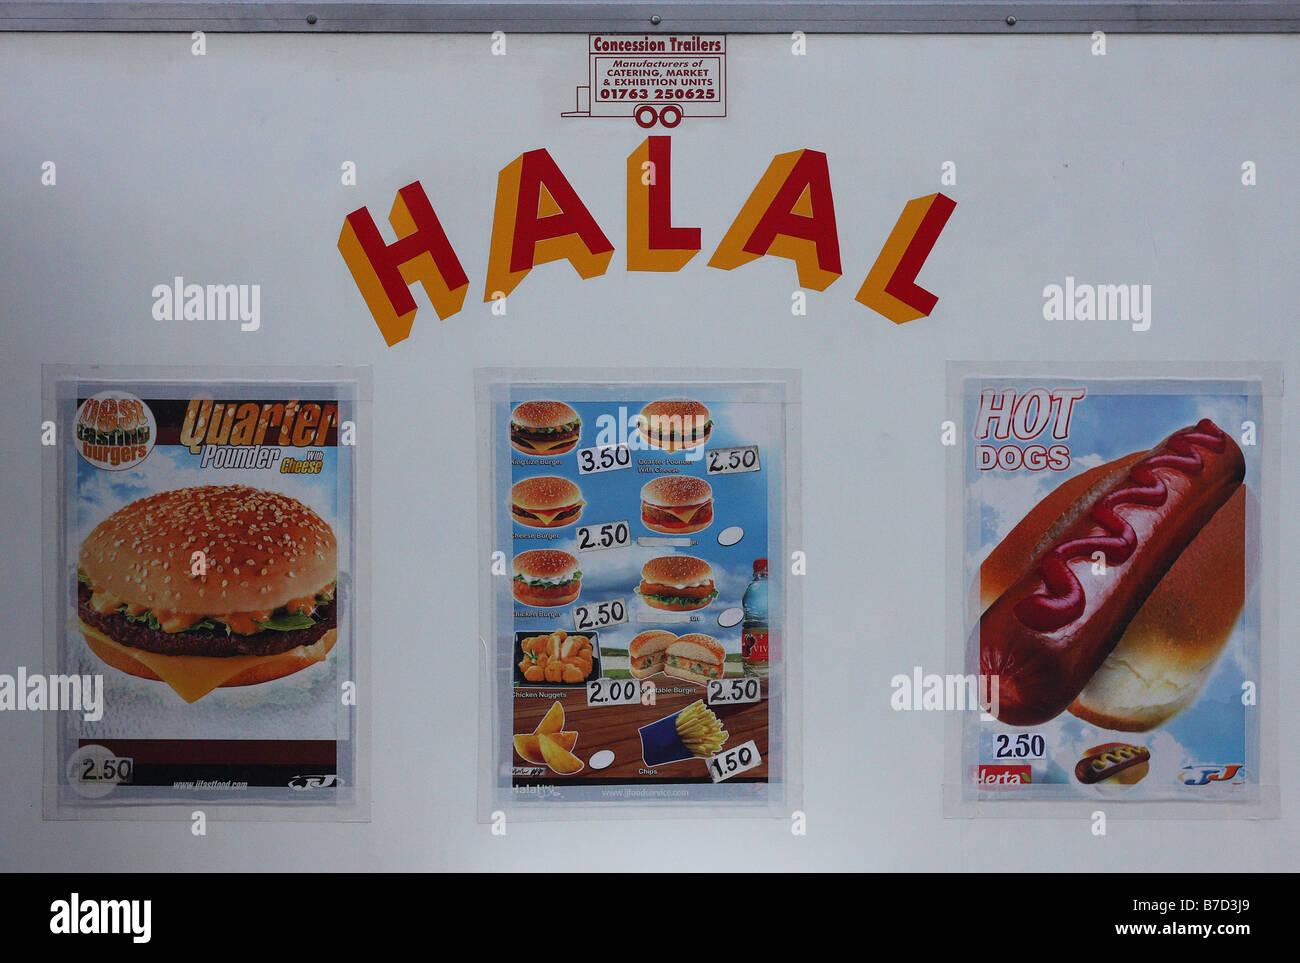 Halal Sign Stock Photos Amp Halal Sign Stock Images Alamy